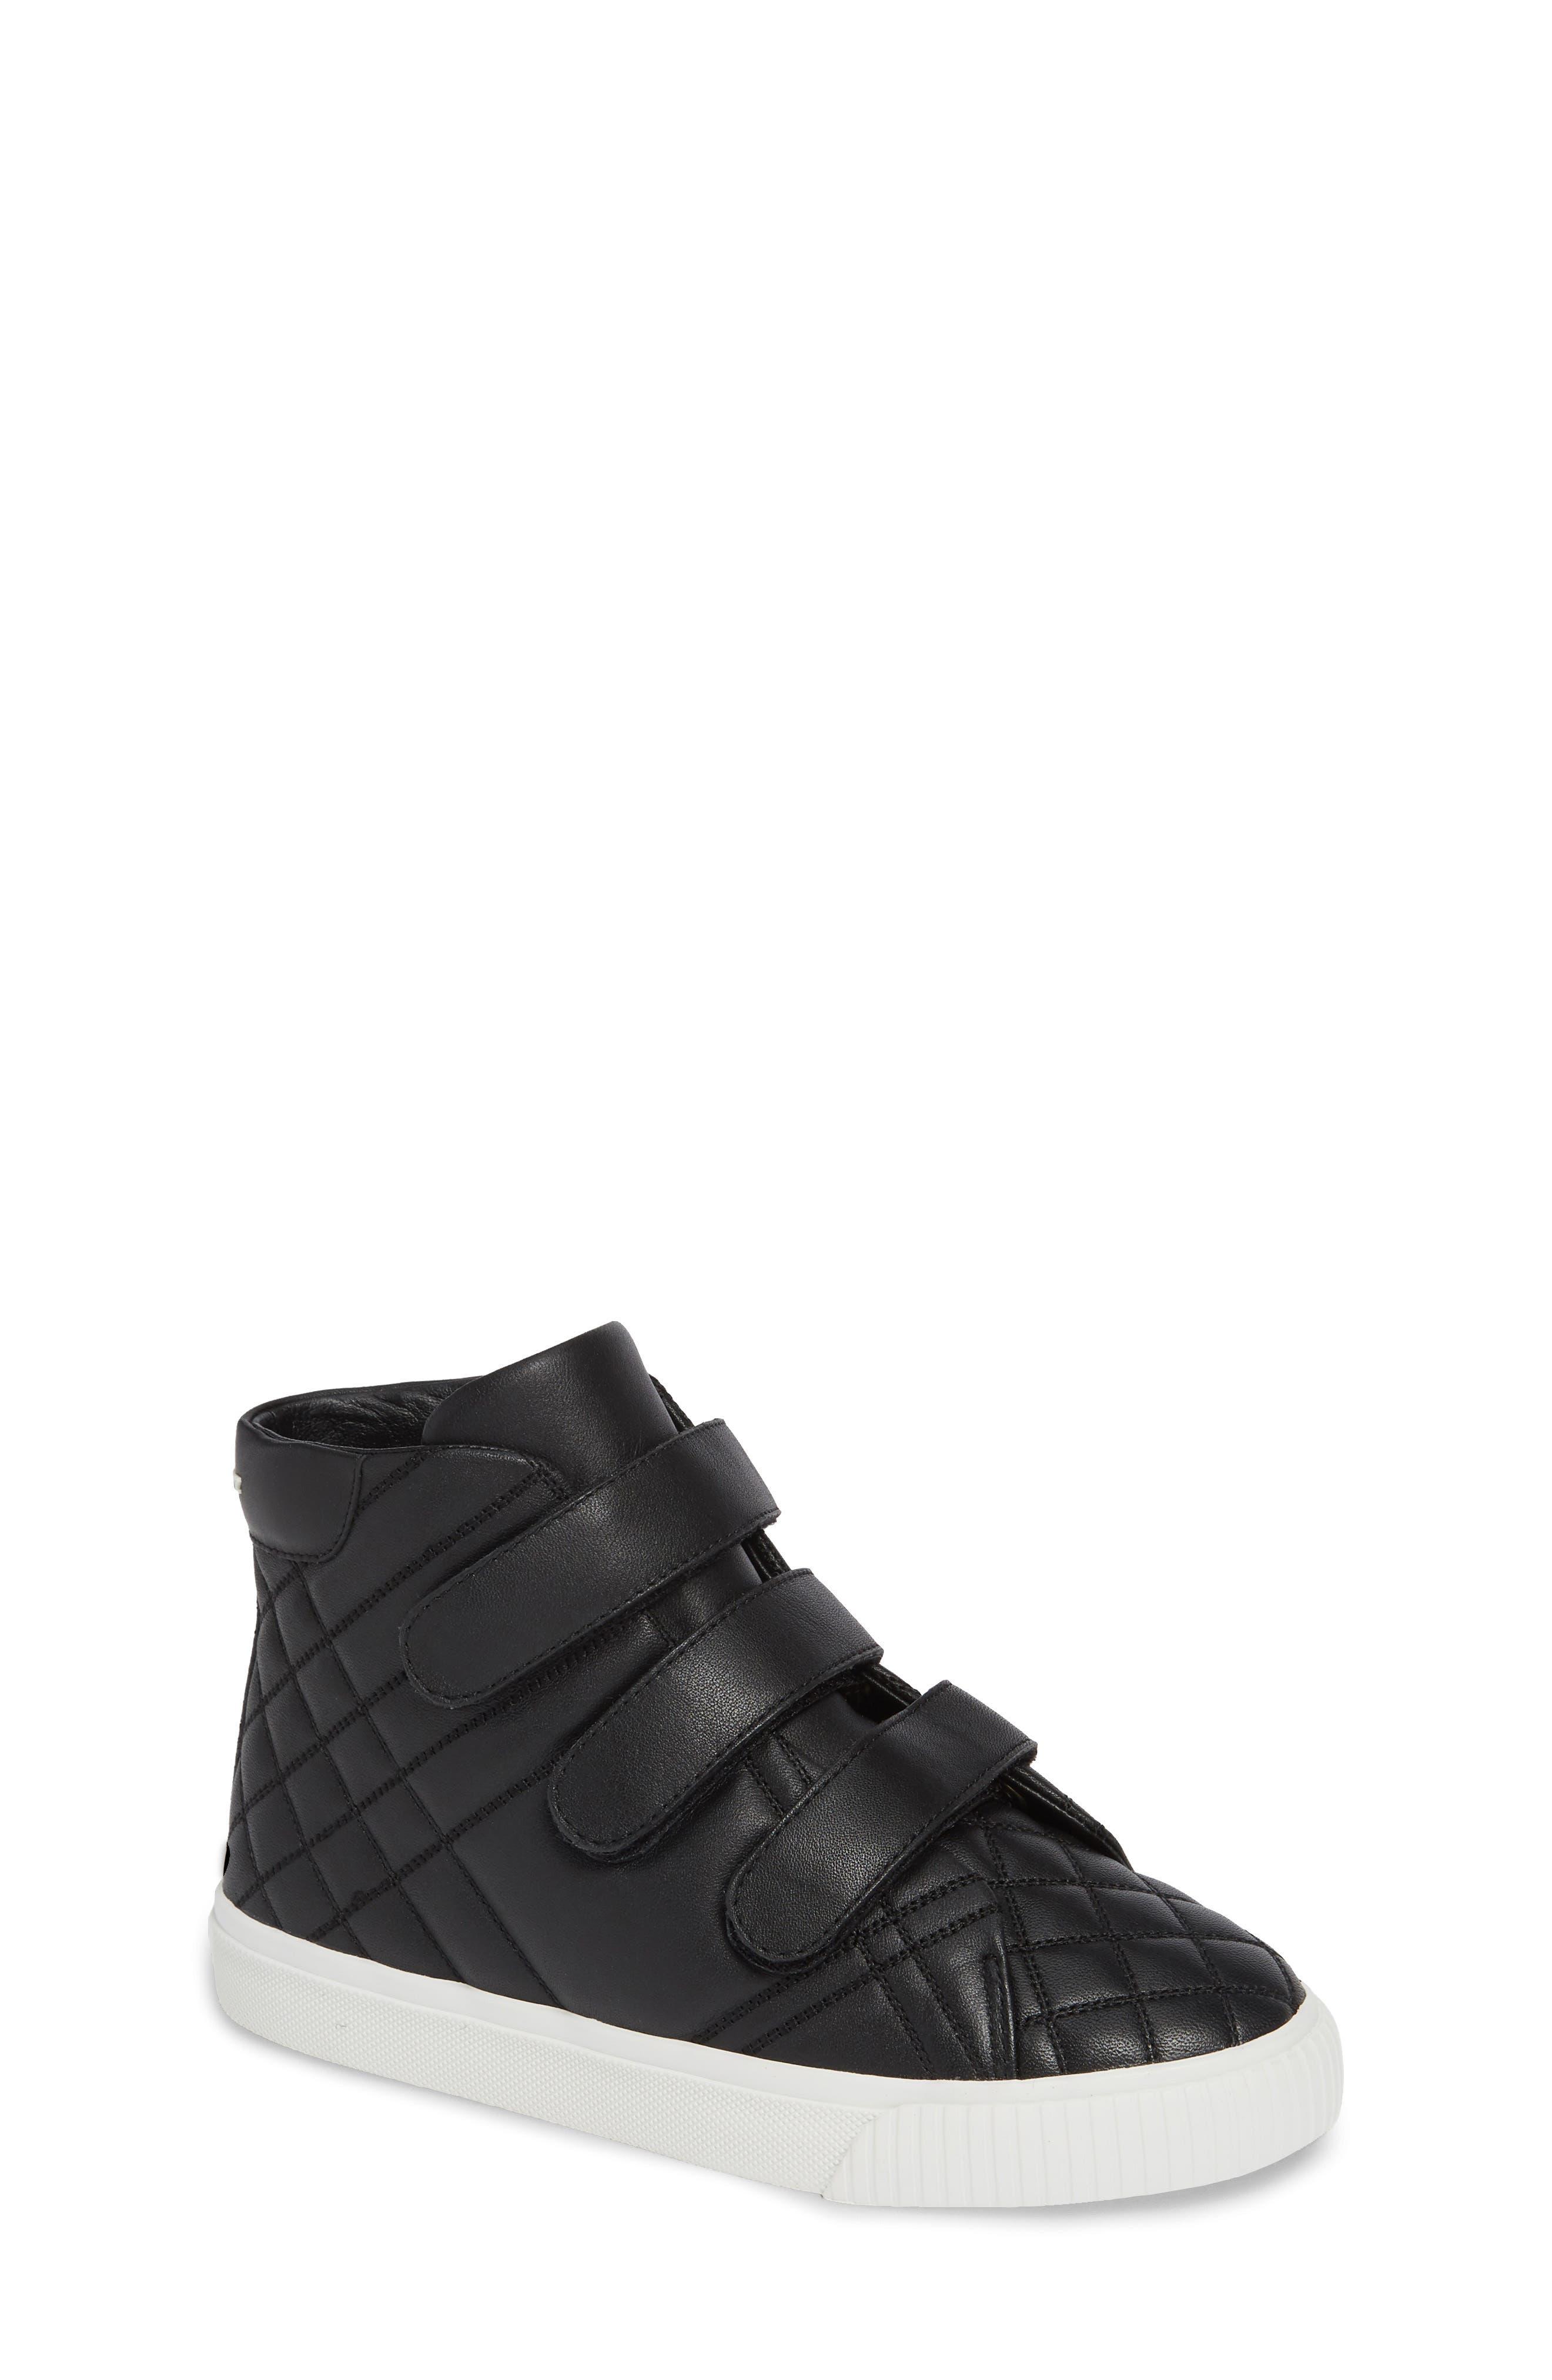 Sturrock Hi Top Sneaker,                         Main,                         color, 001